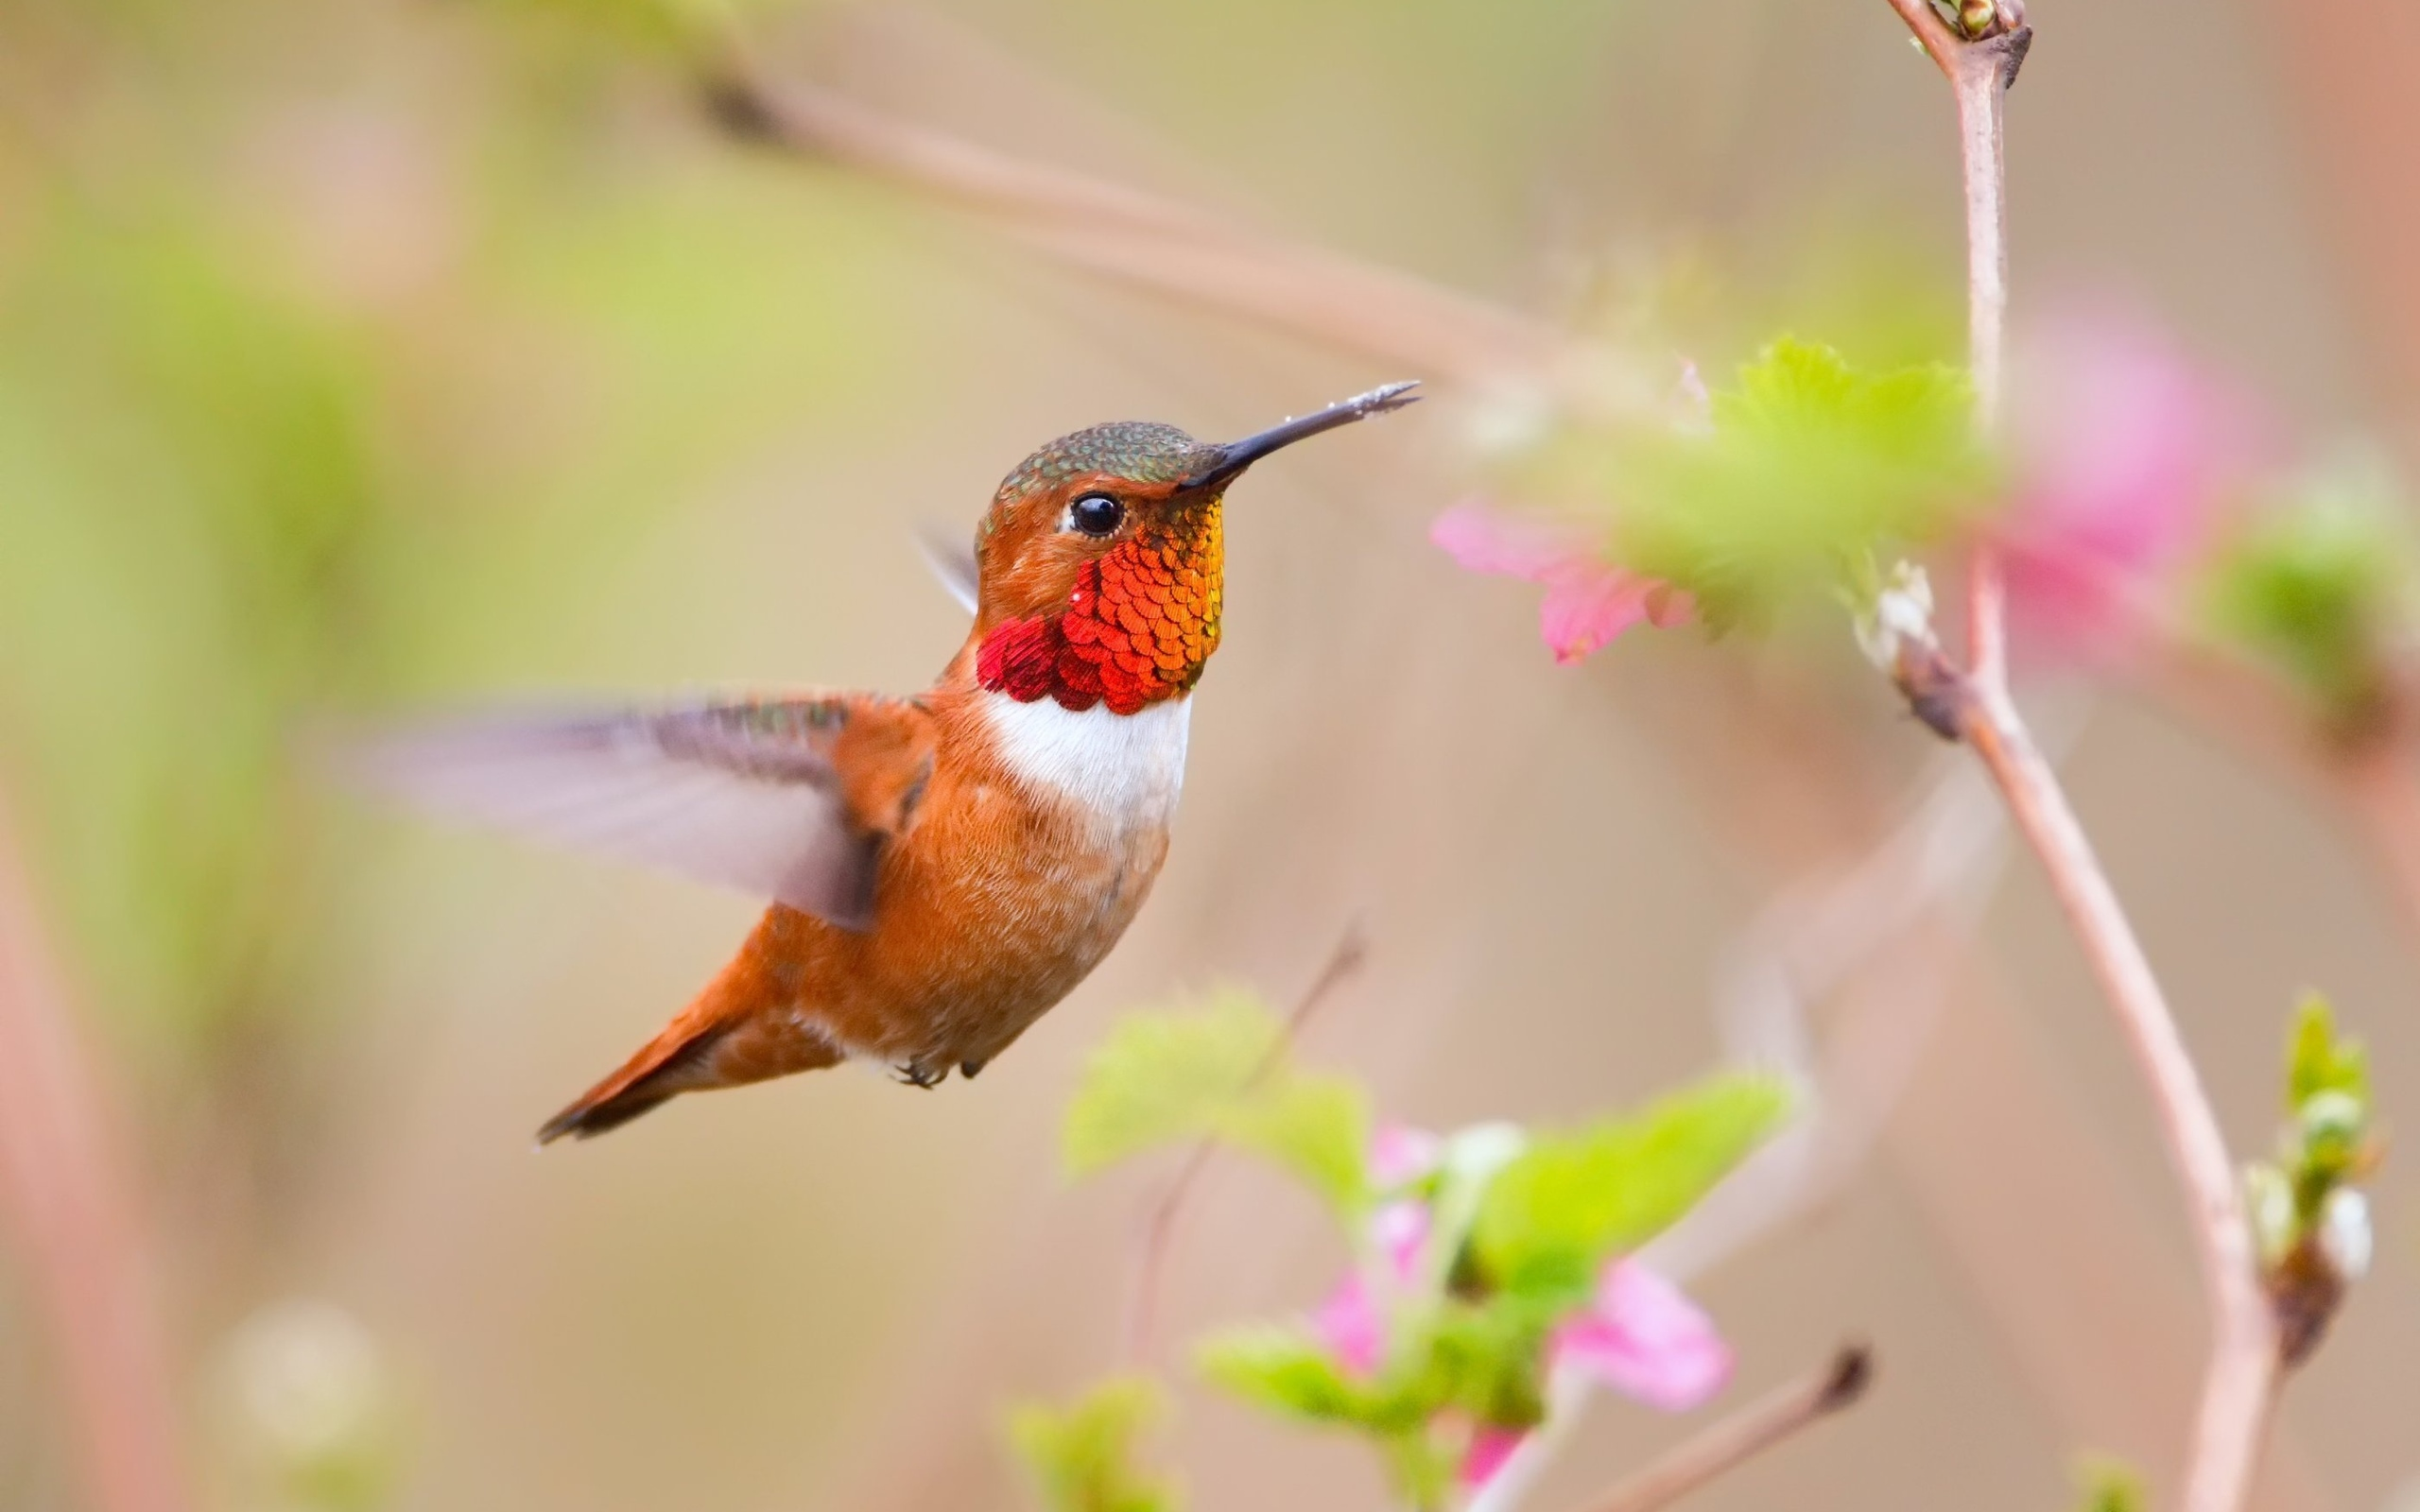 животное птица колибри макро без смс